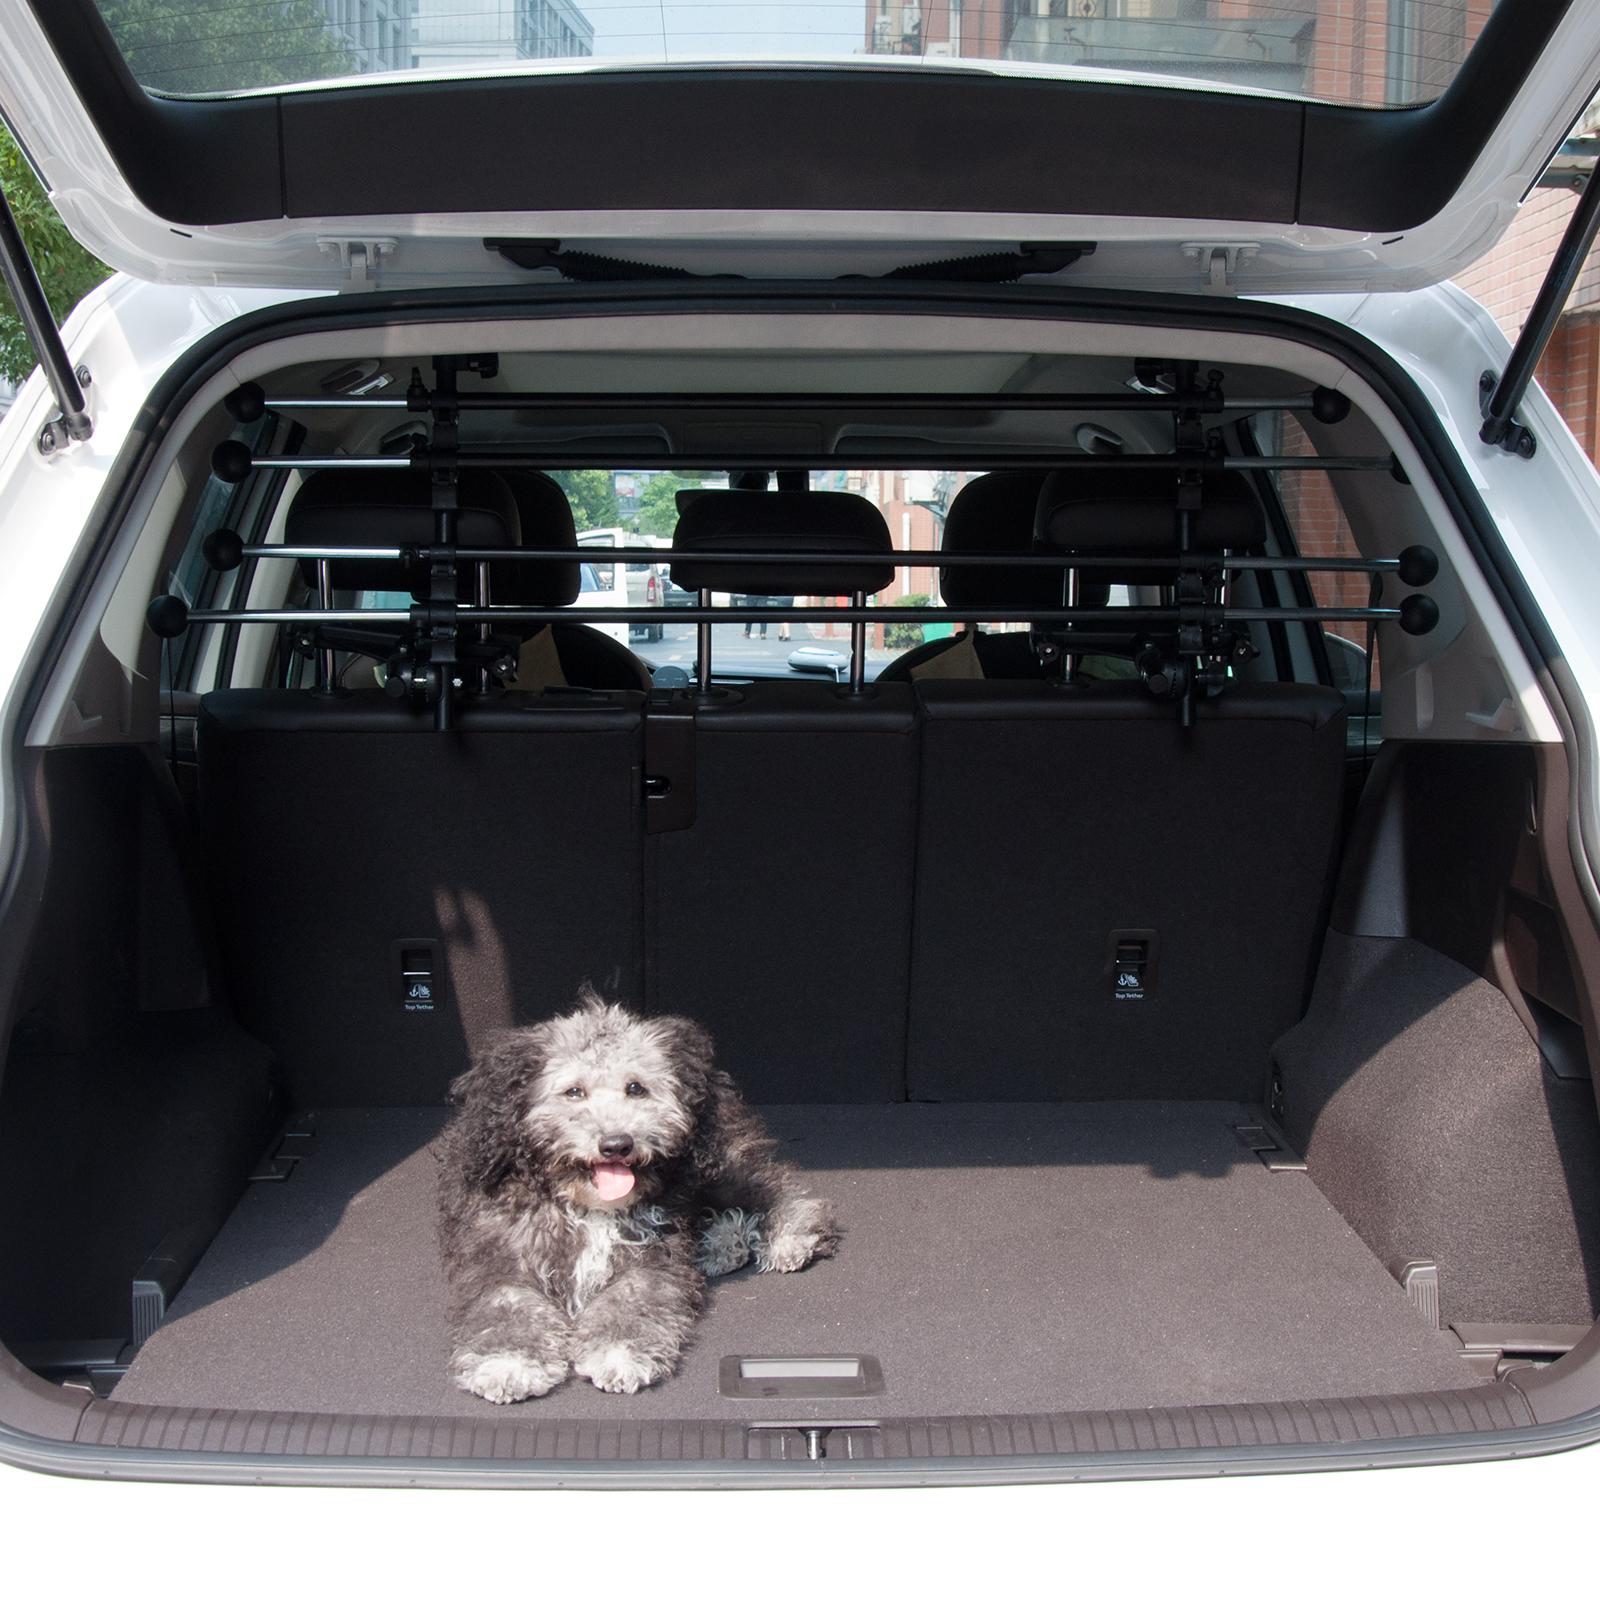 hundegitter auto trenngitter gep ckgitter schutzgitter. Black Bedroom Furniture Sets. Home Design Ideas